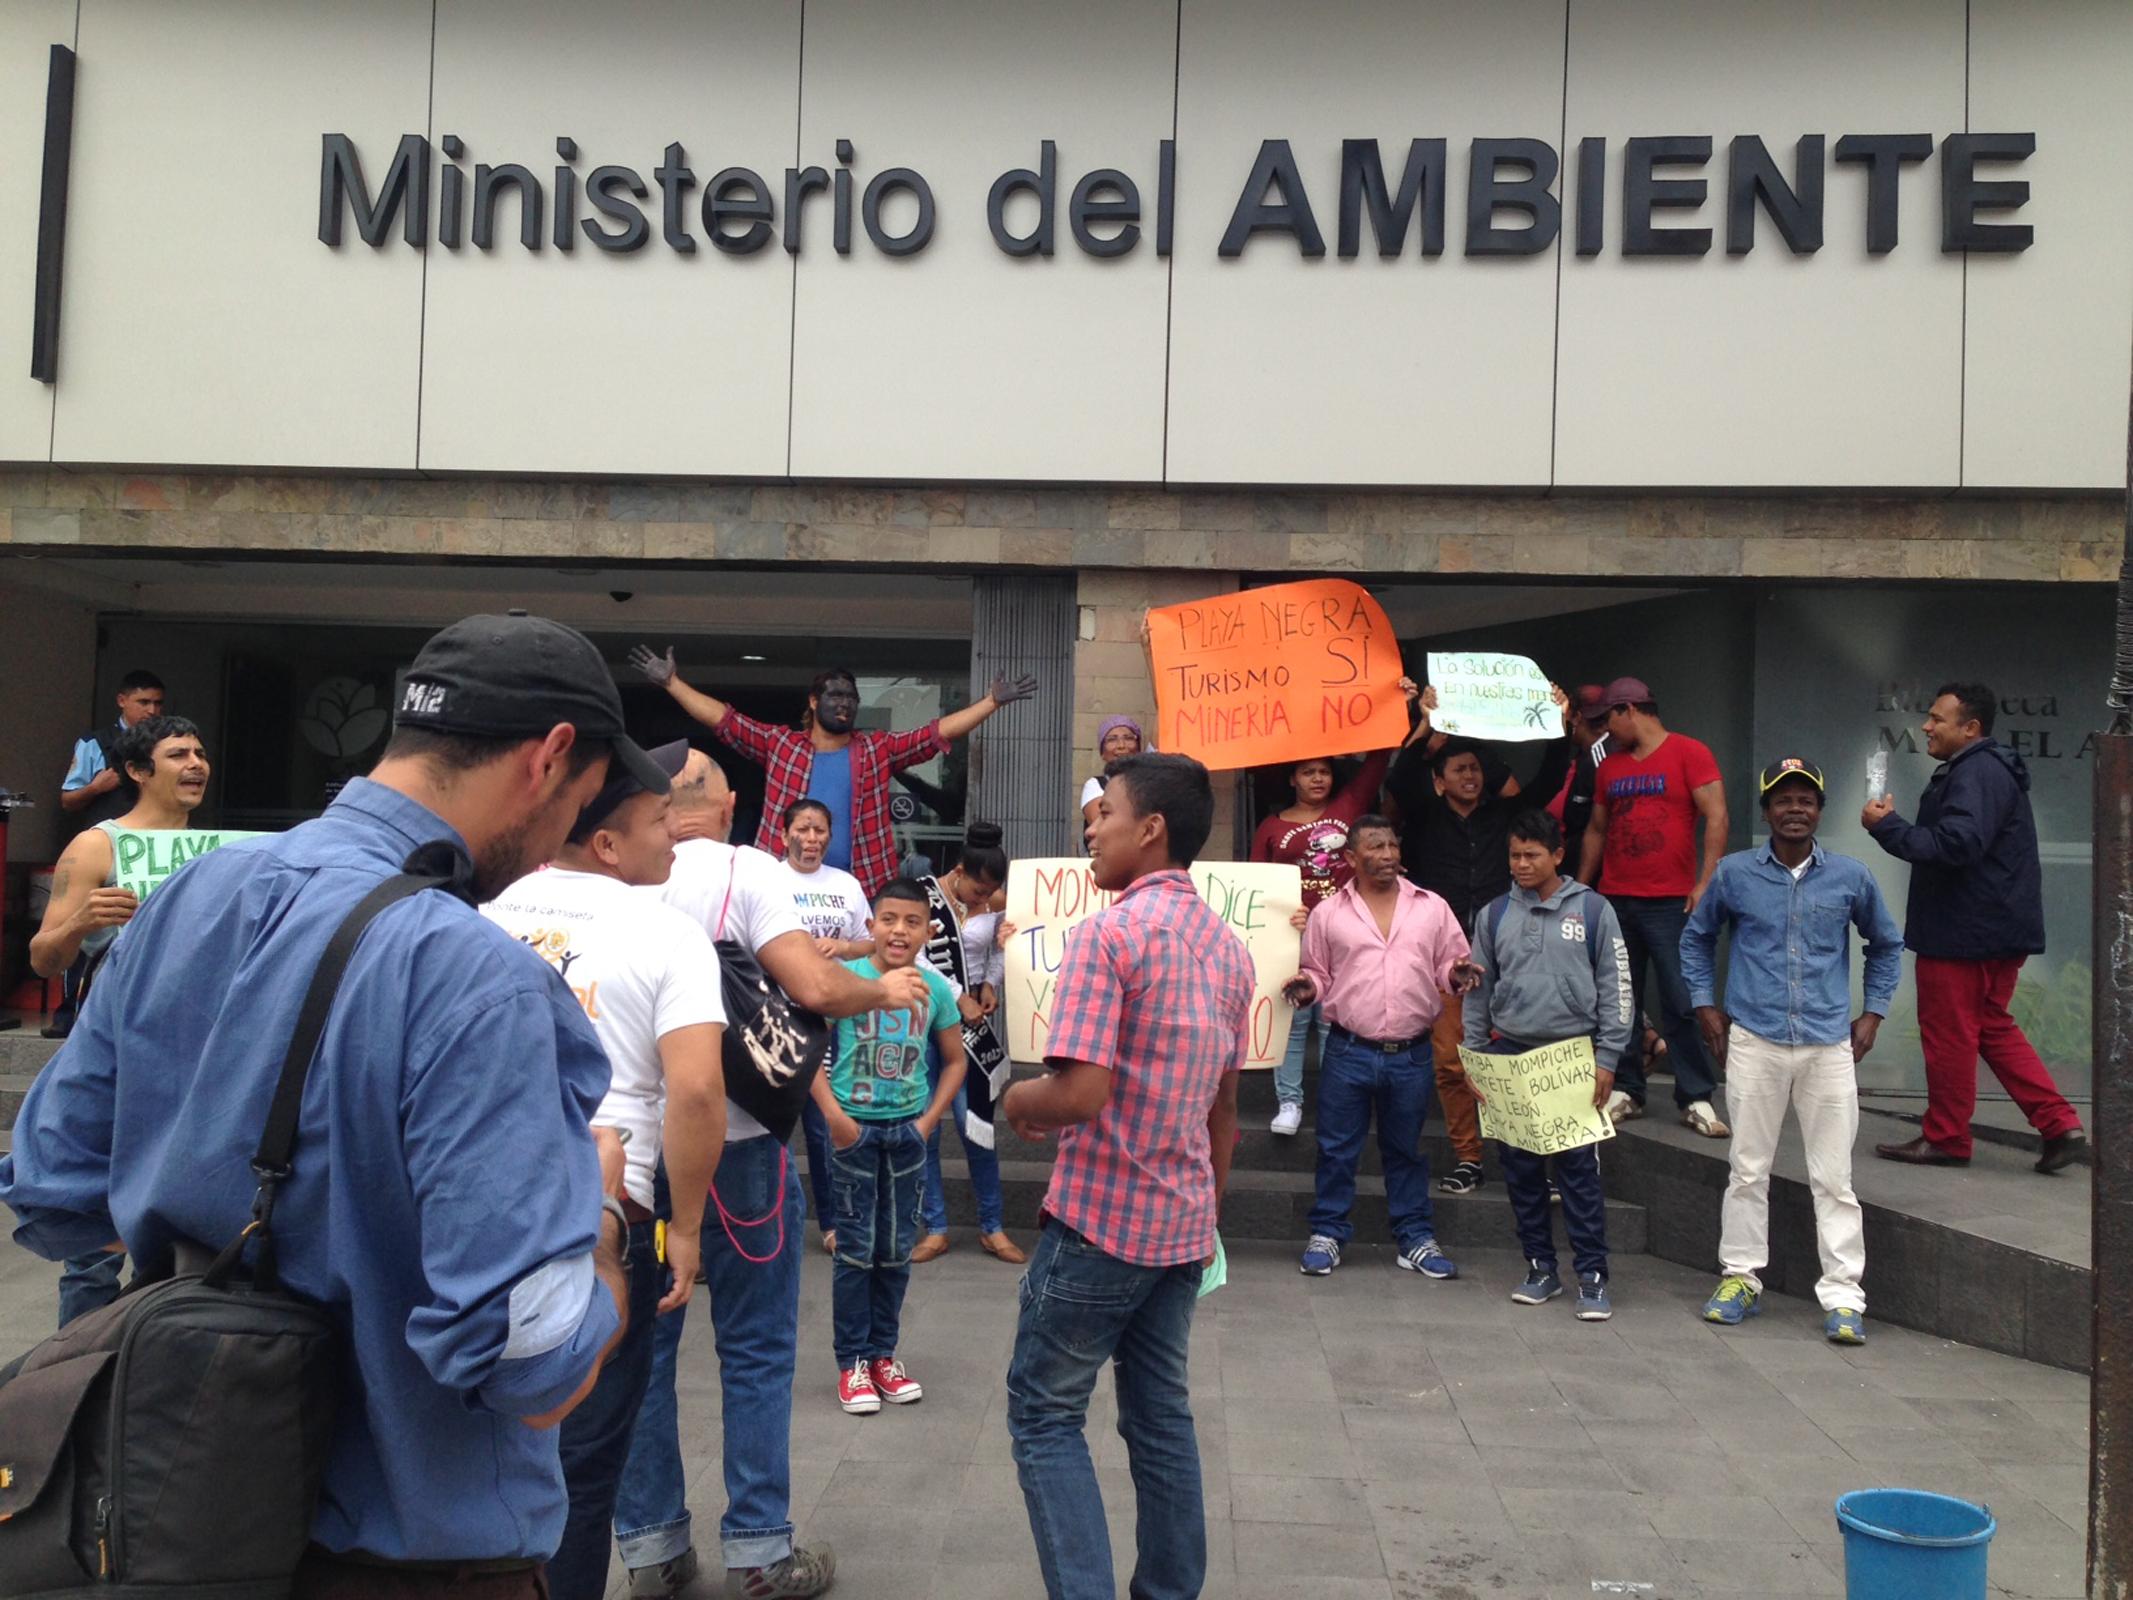 La ONG Acción Ecológica y algunos comuneros realizaron un plantón frente al Ministerio del Ambiente de Ecuador en noviembre de 2017. Foto: Comuna de Mompiche.